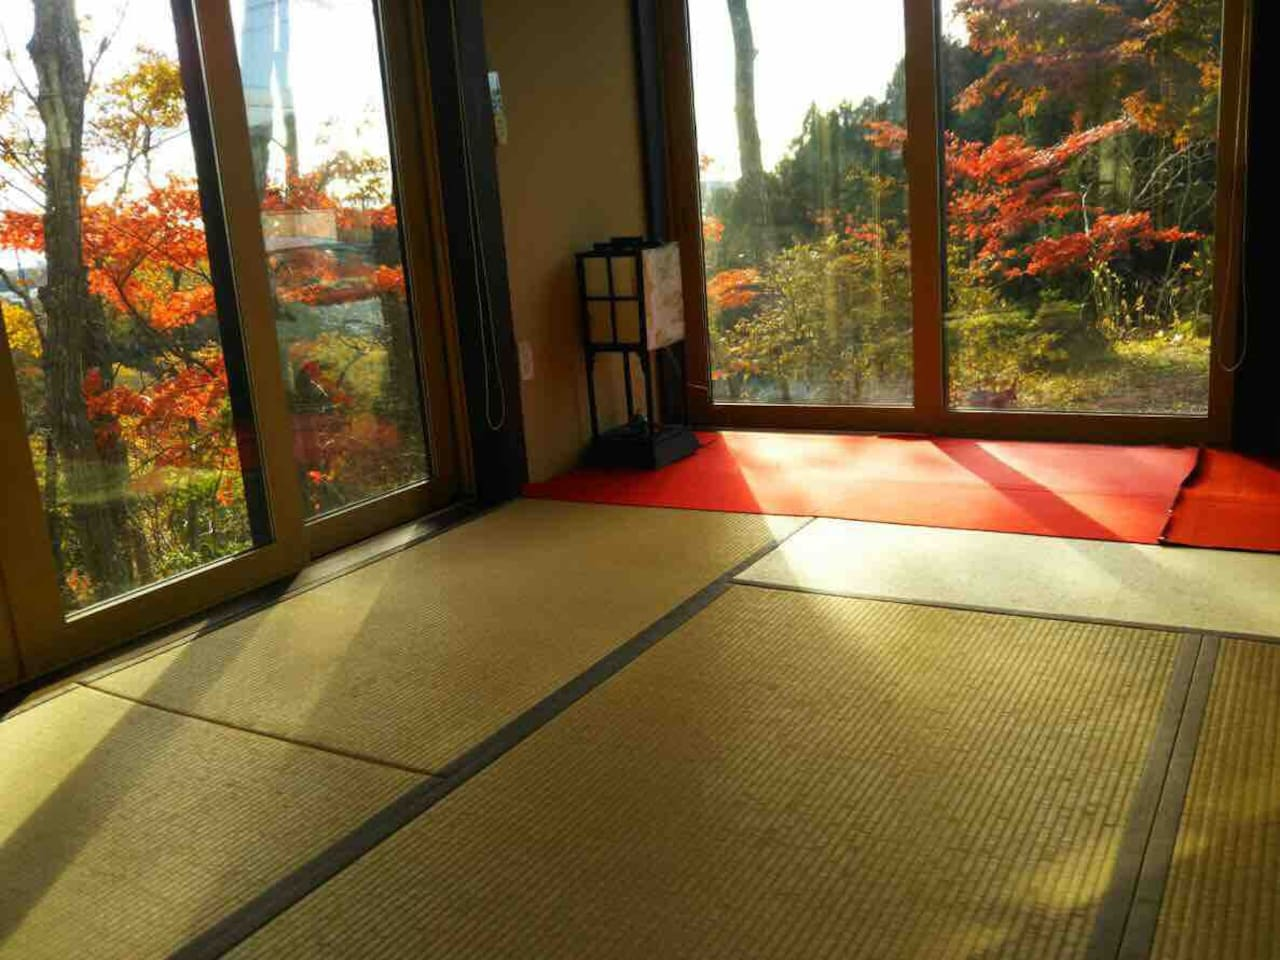 紅葉を眺めながら過ごせる和室 You can enjoy this nice view in Autumn.